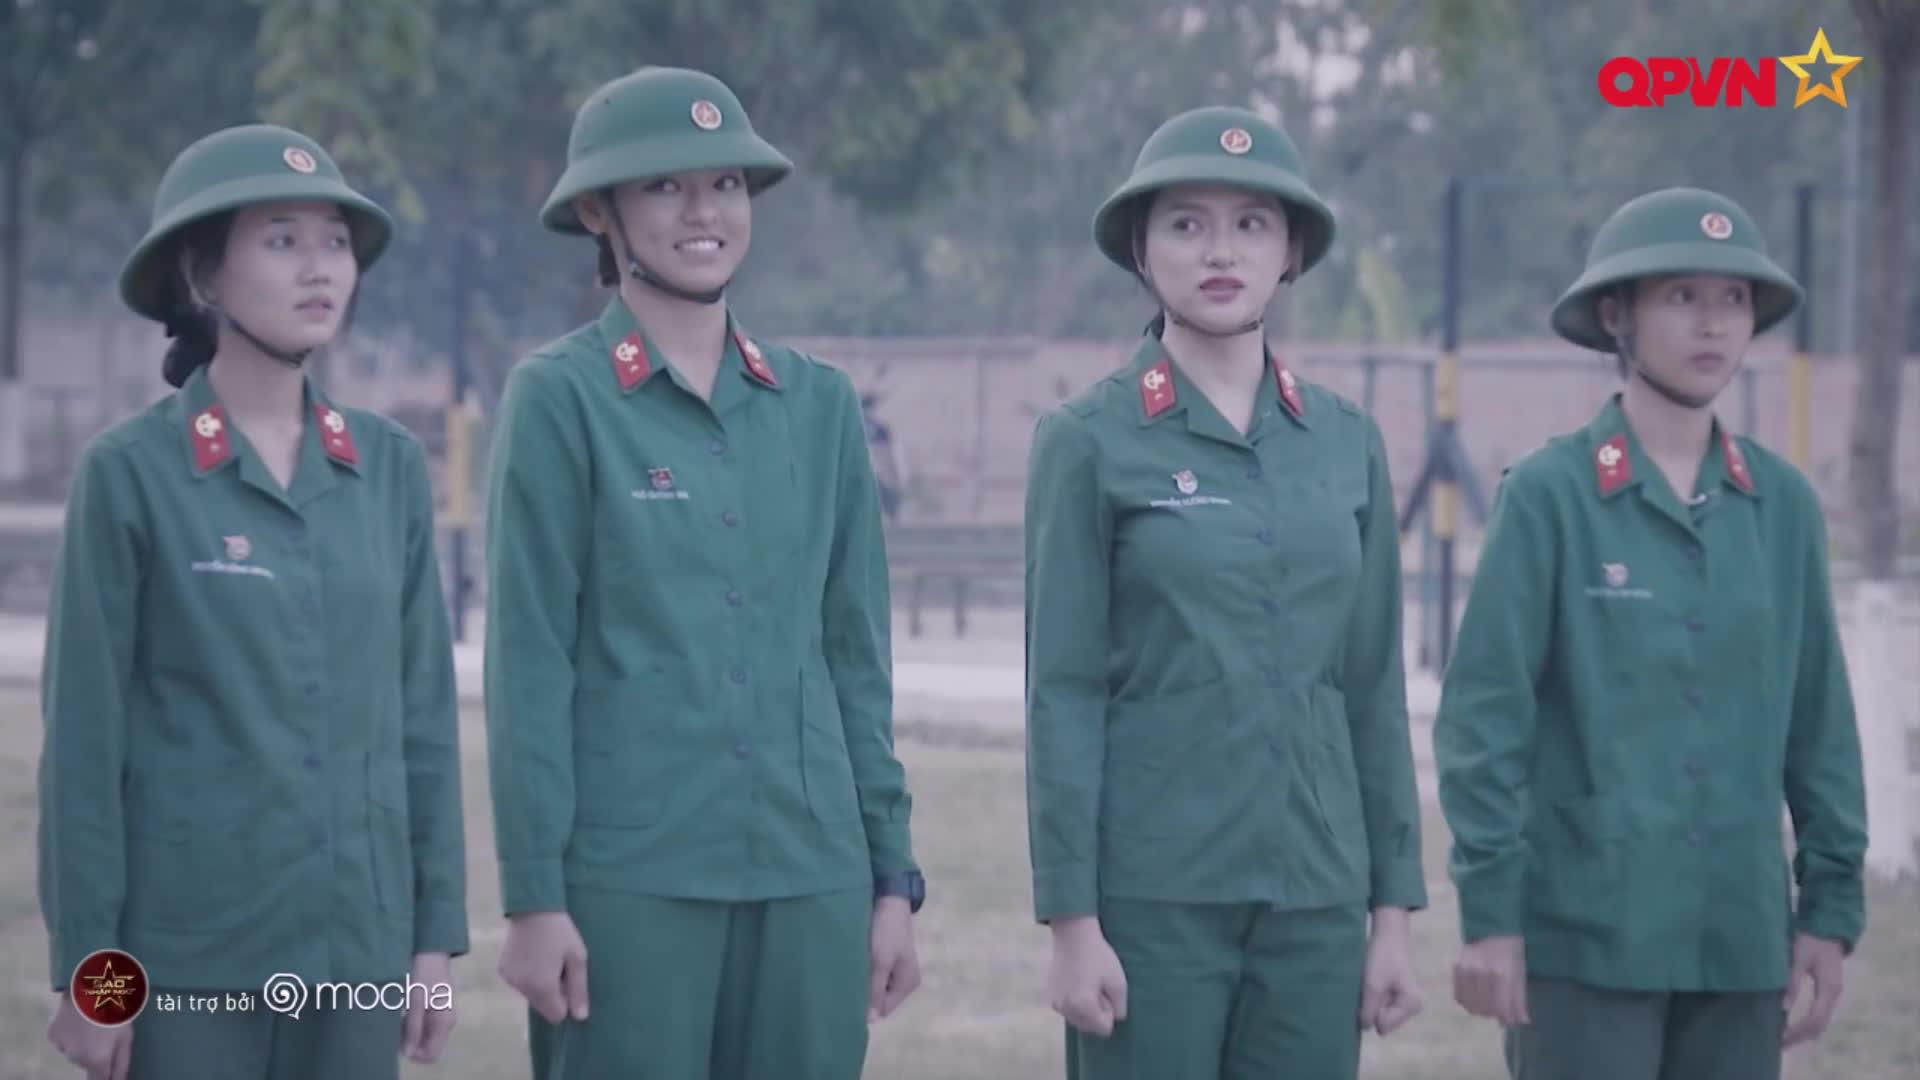 Hương Giang  Mai Ngô: Cặp đôi gặp nhau là cười vô cùng ăn ý của Sao nhập ngũ